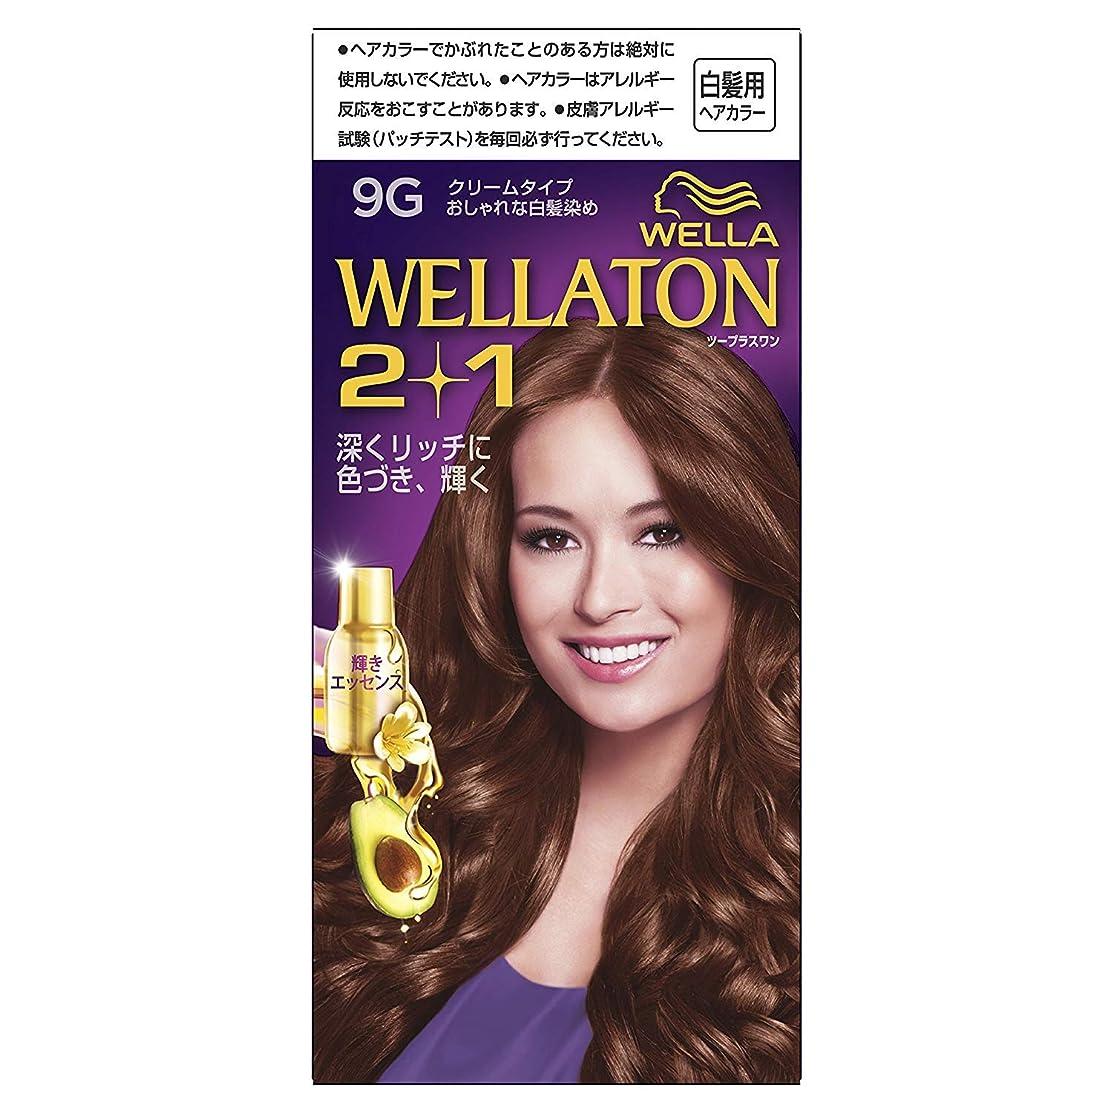 ワイン想起麦芽ウエラトーン2+1 クリームタイプ 9G [医薬部外品]×3個